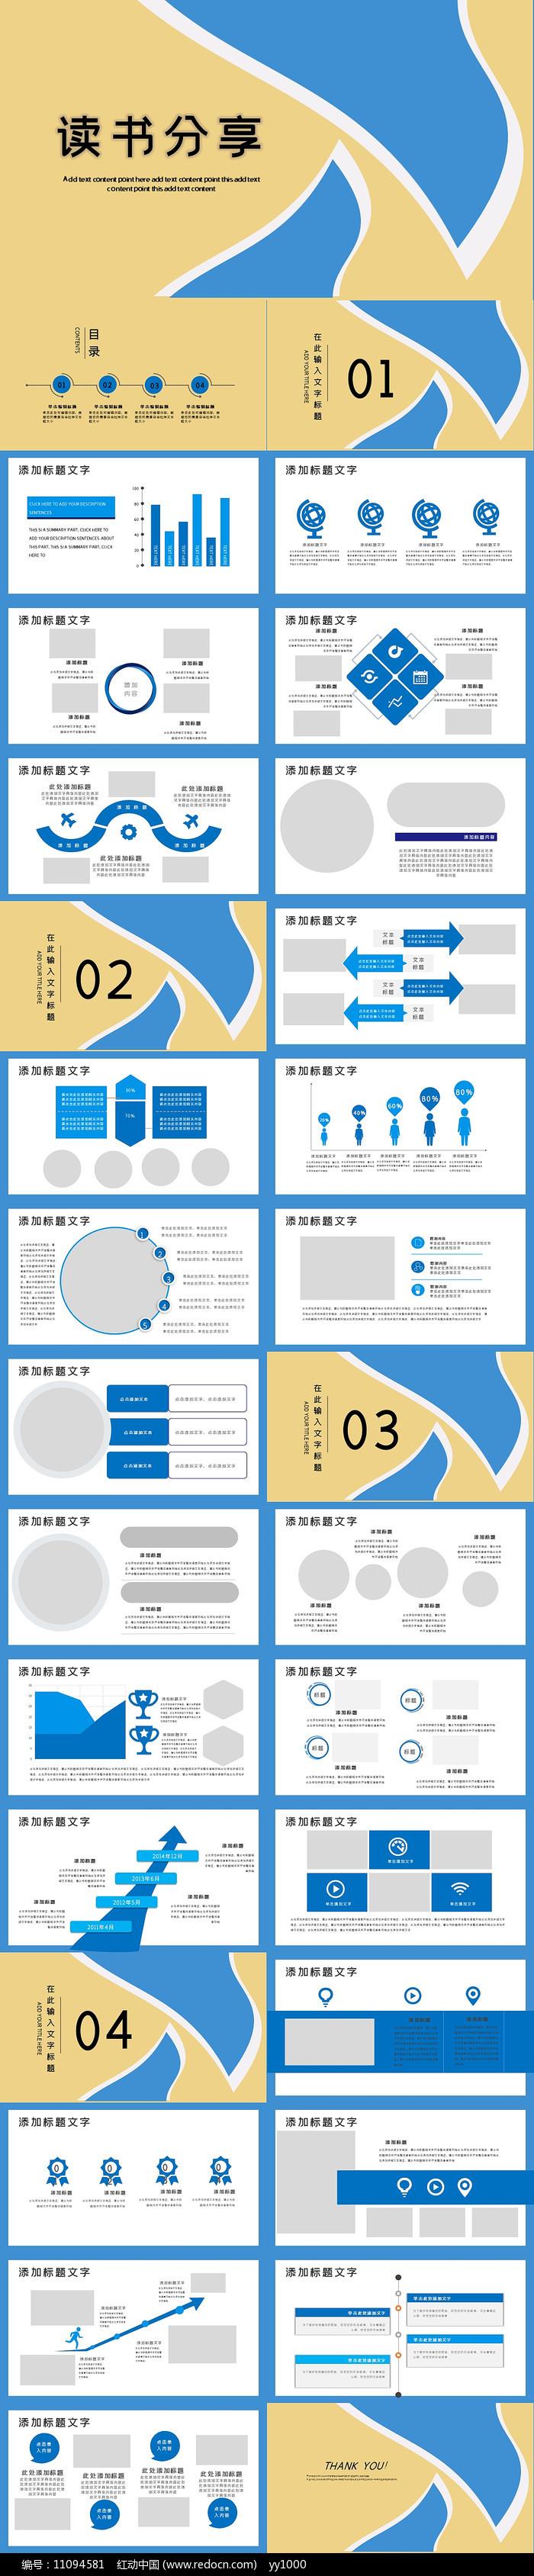 中国读书节好书推荐读书分享PPT模板图片